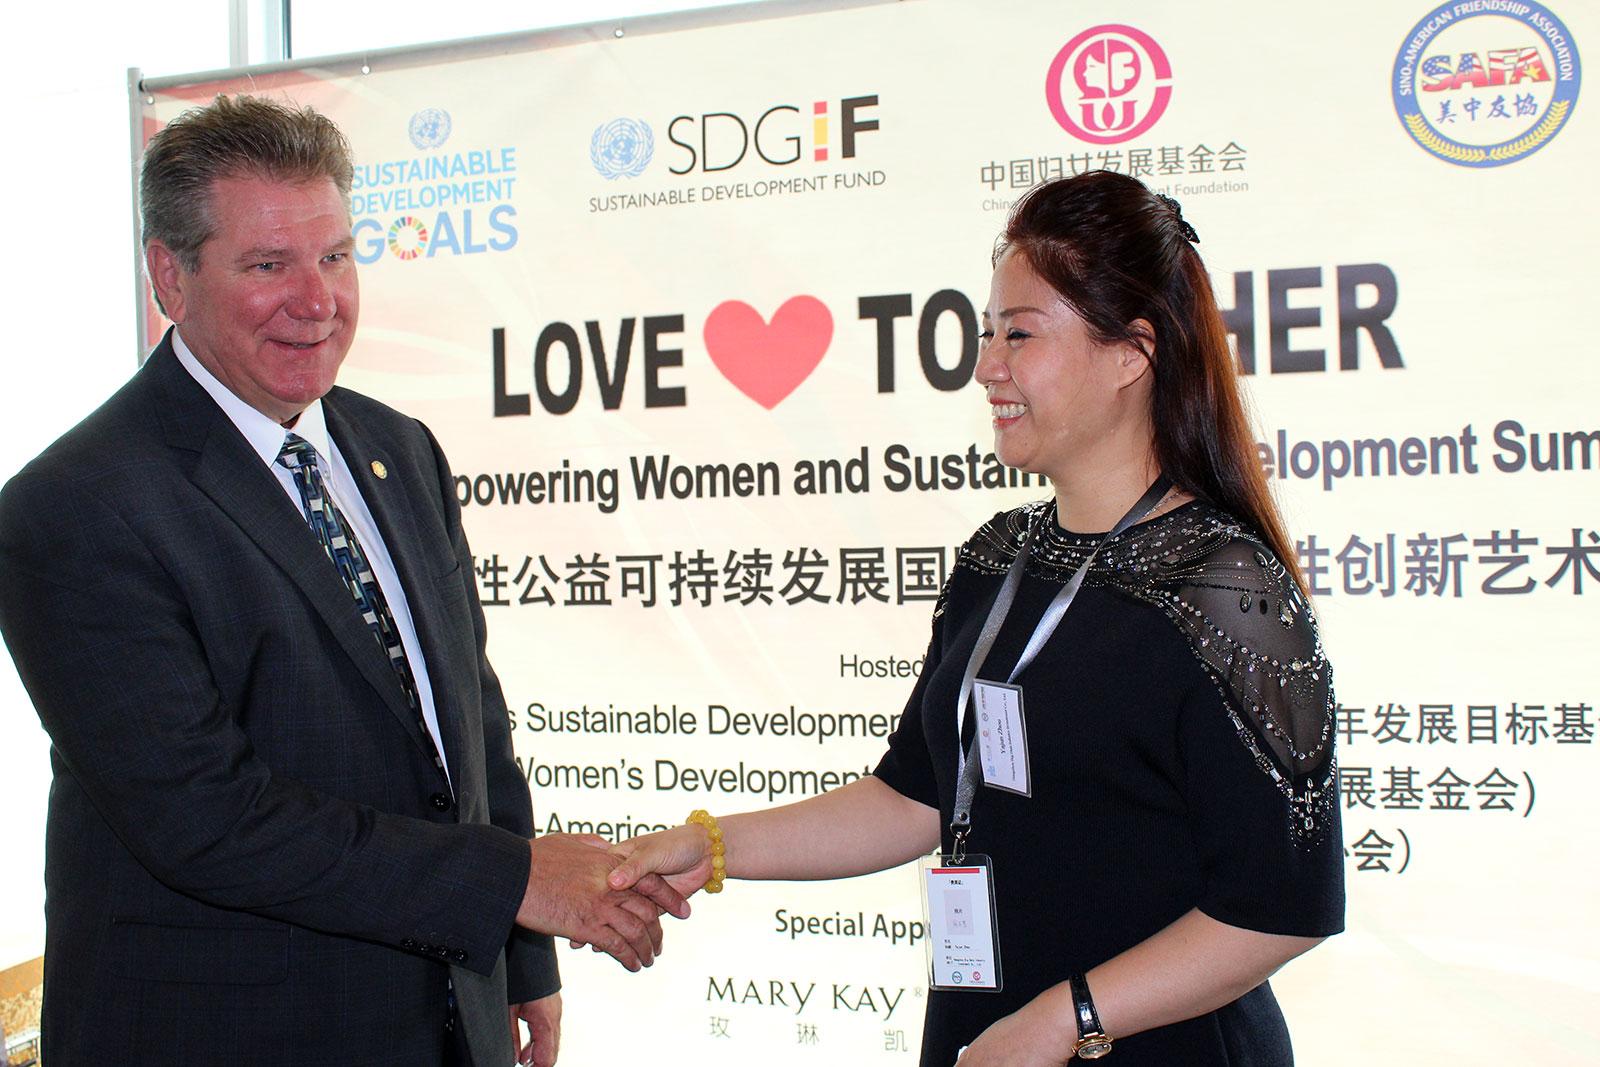 联合国2015女性公益可持续发展国际论坛暨女性创新艺术展